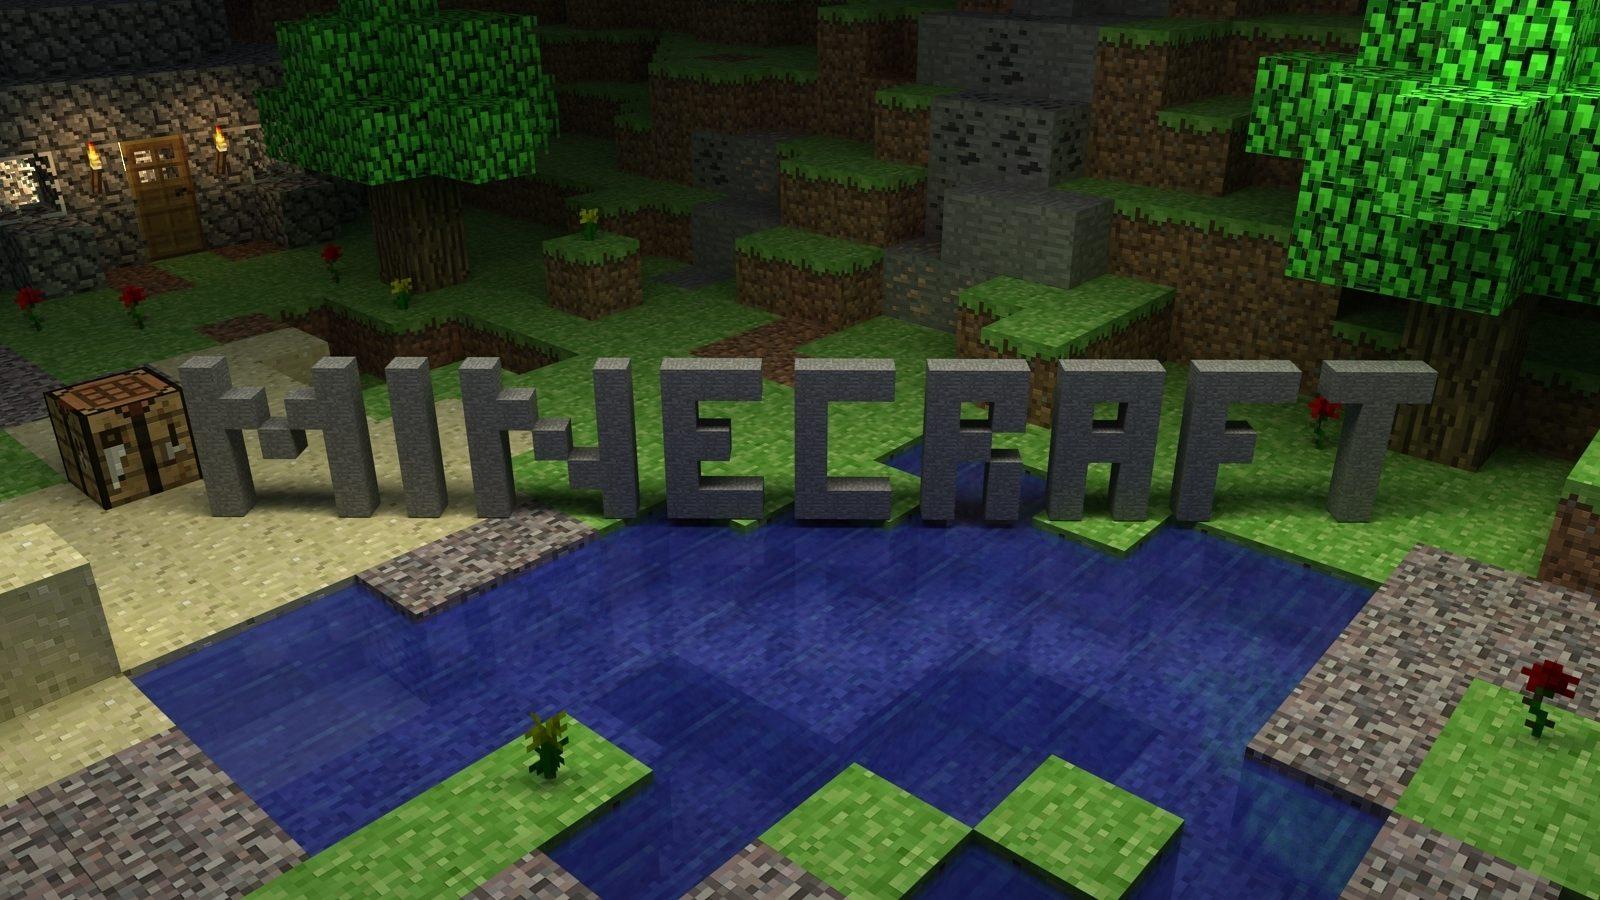 Как сделать сервер для minecraft для нас двоих